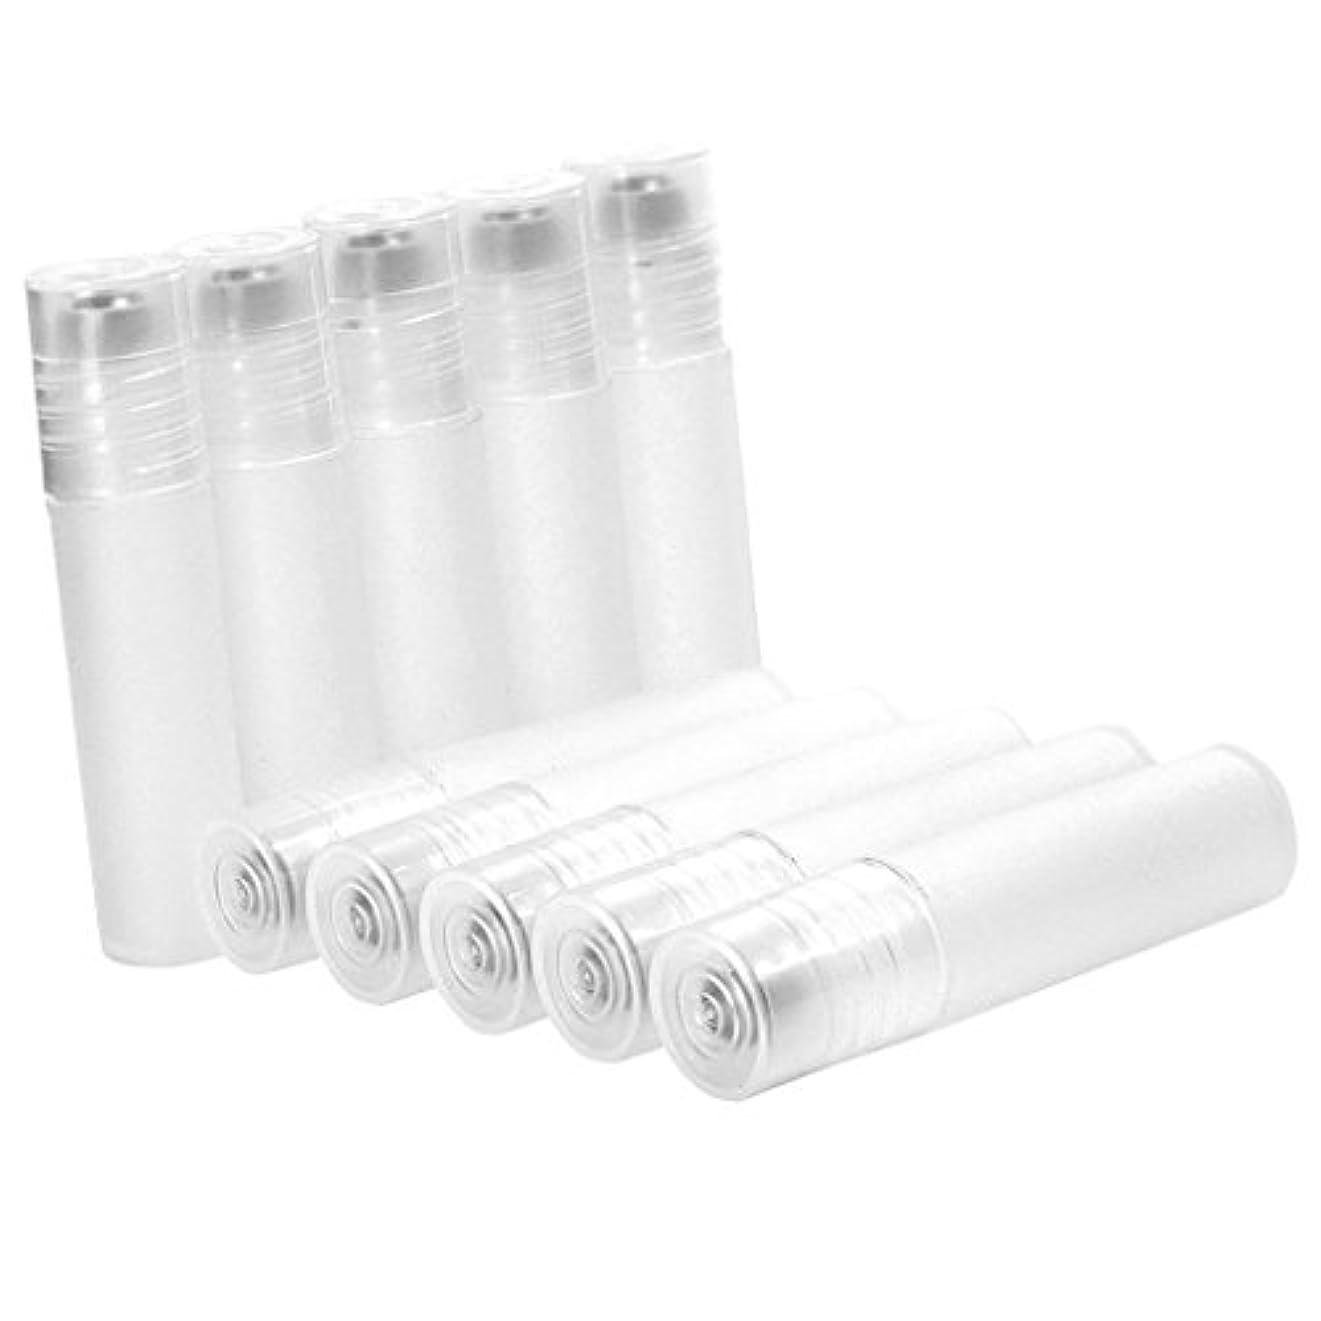 眠りクレデンシャル海洋Fenteer 10本セット 空ボトル 香水 クリーム 液体 リフィルボトル 詰め替え 5ml ミニサイズ